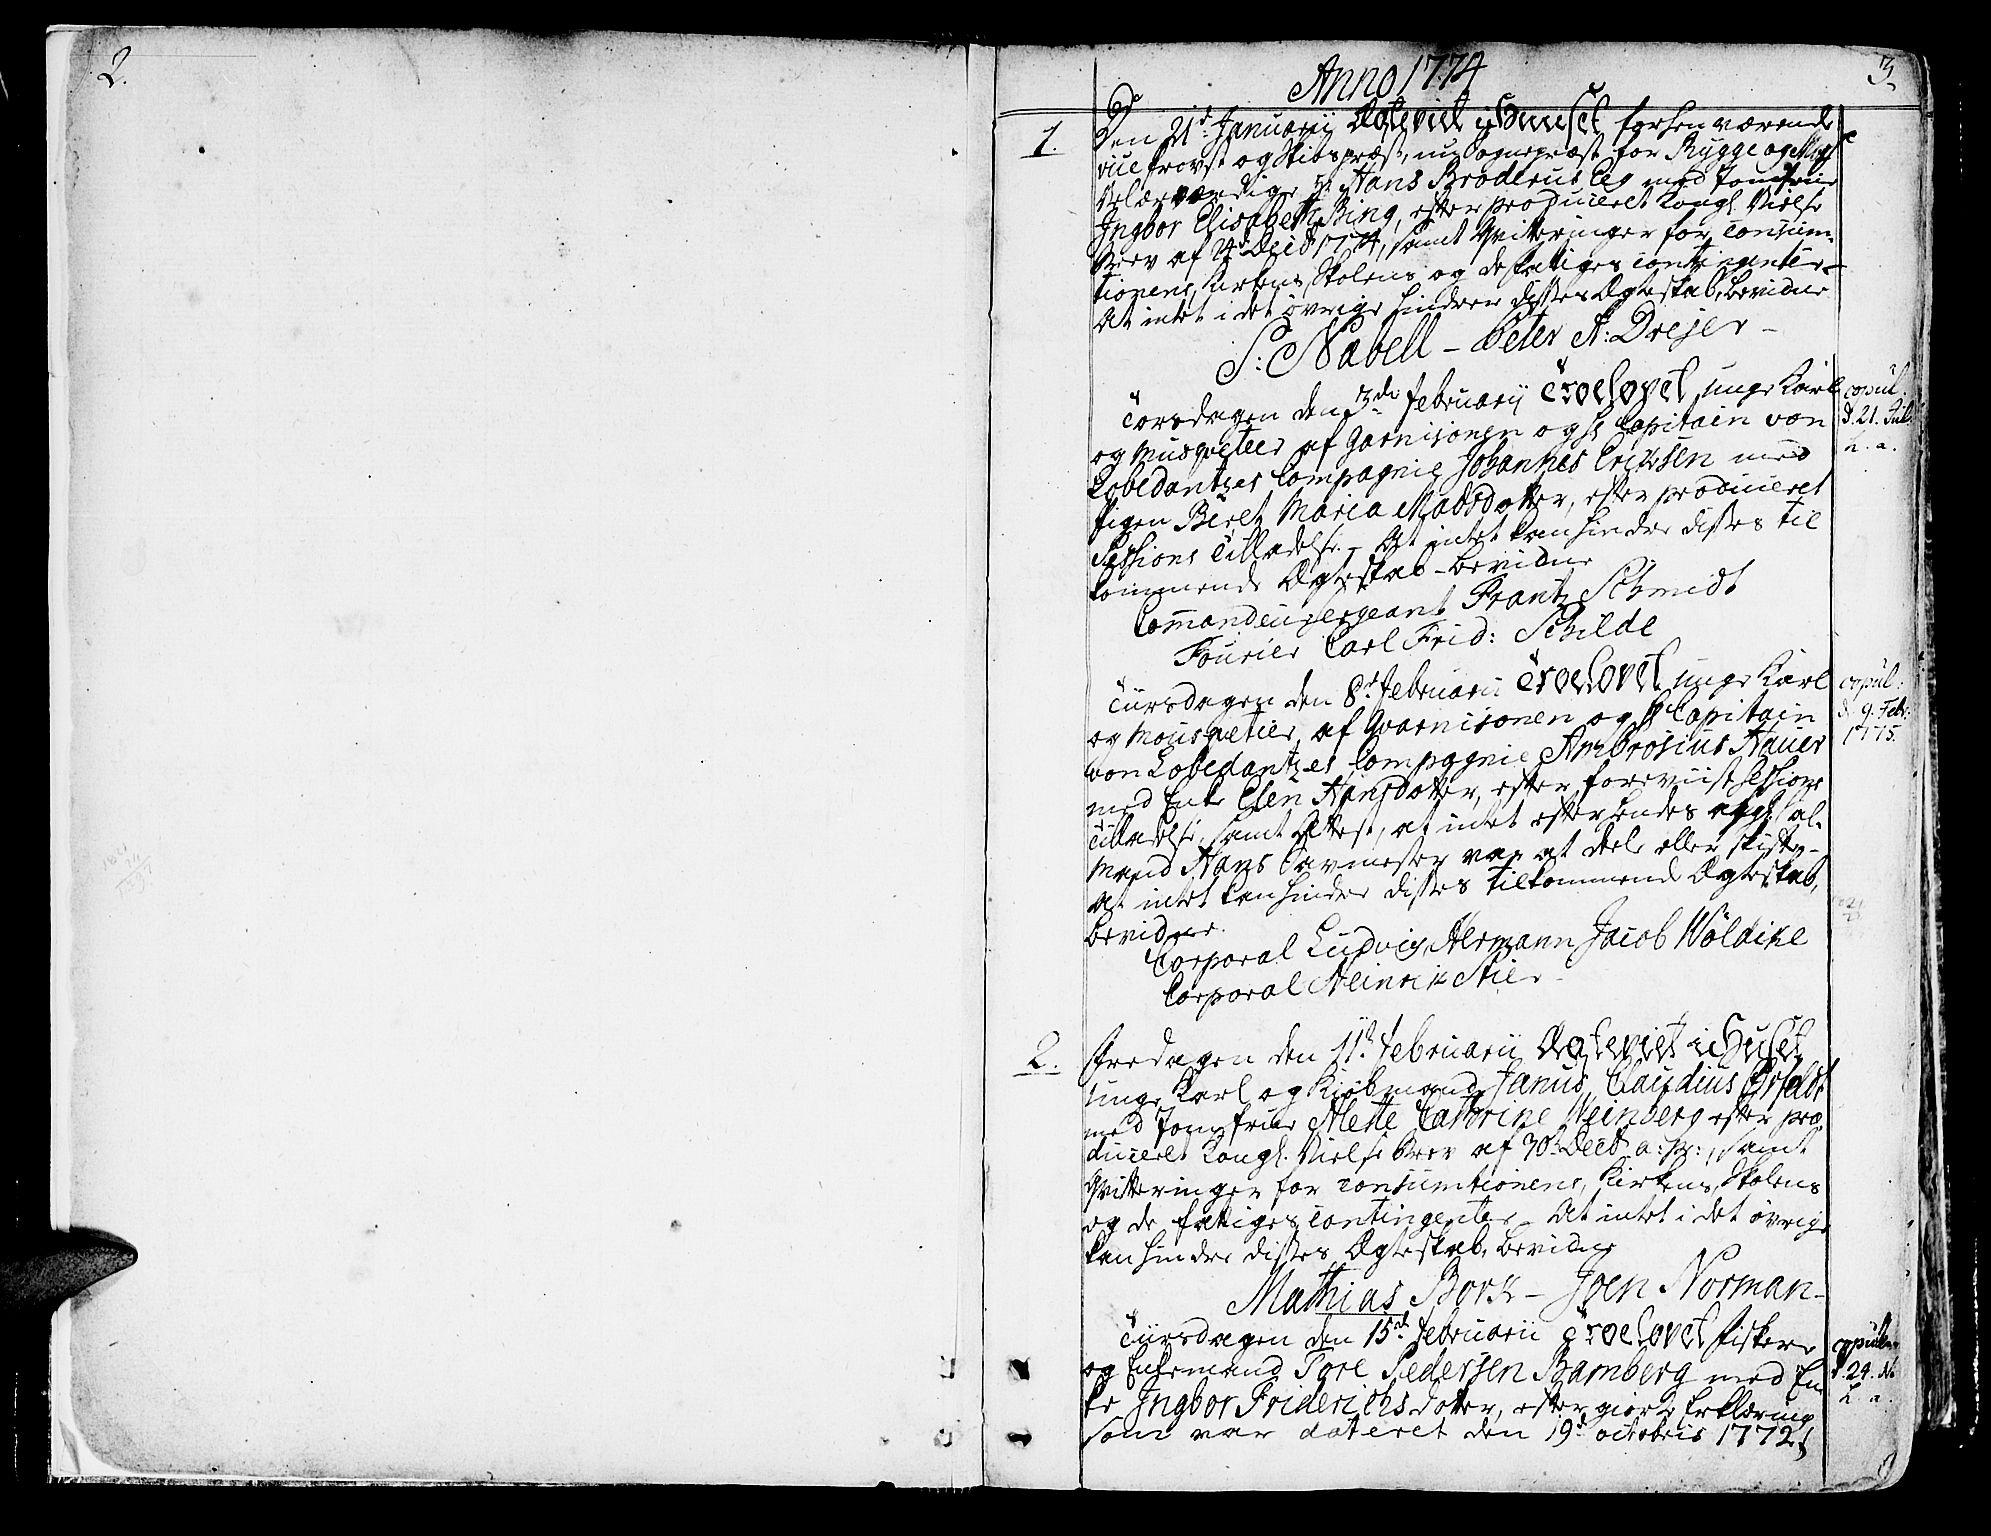 SAT, Ministerialprotokoller, klokkerbøker og fødselsregistre - Sør-Trøndelag, 602/L0105: Ministerialbok nr. 602A03, 1774-1814, s. 2-3